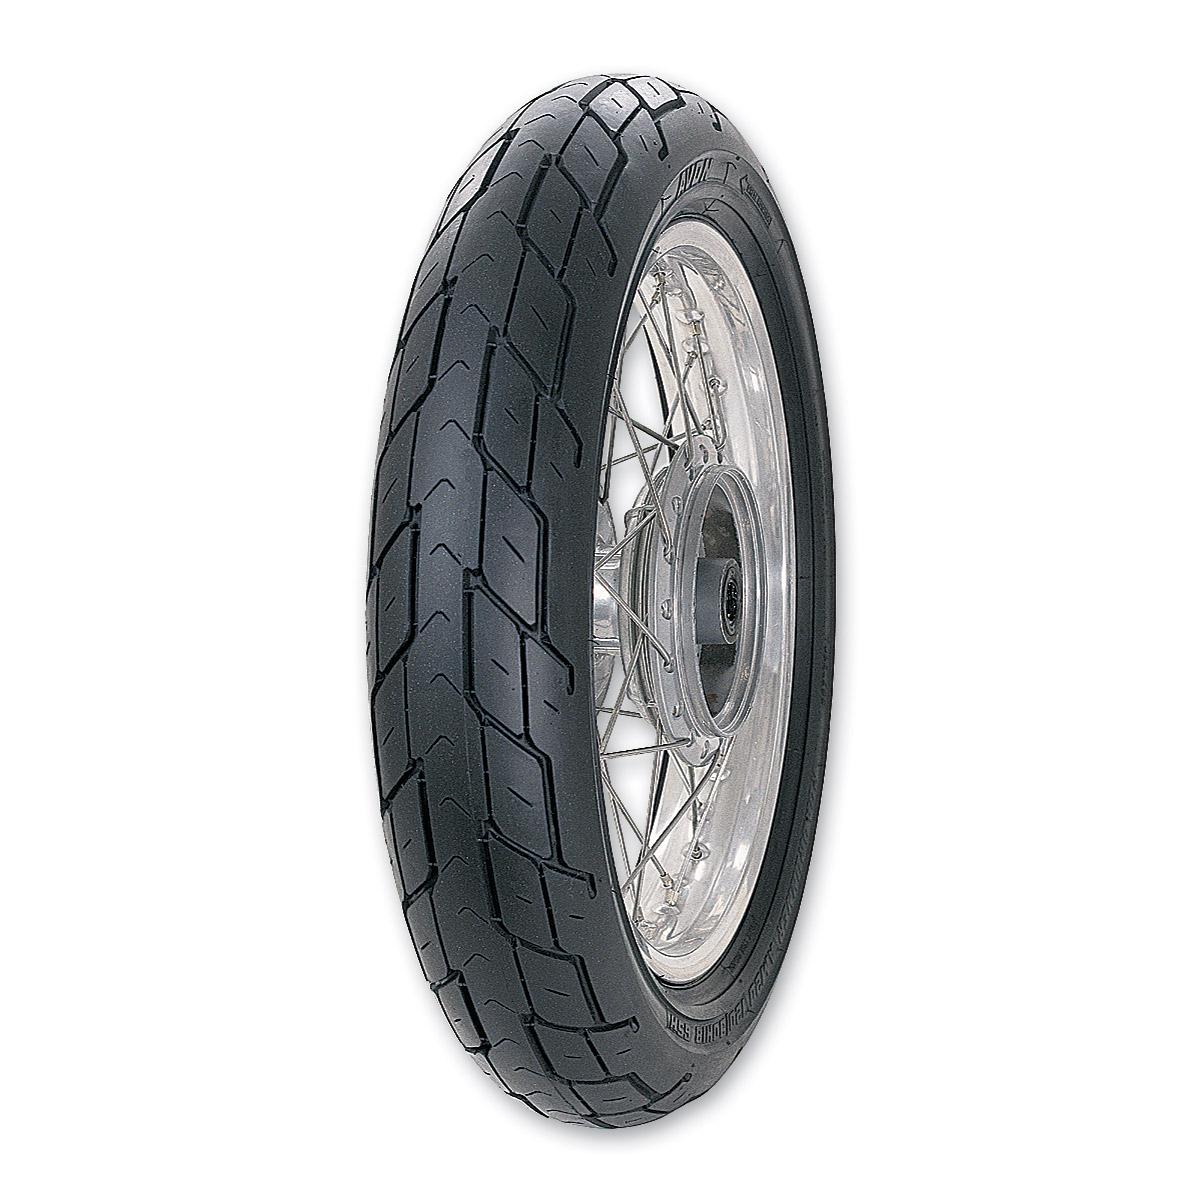 Avon AM20 Roadrunner 130/90-16 Front Tire